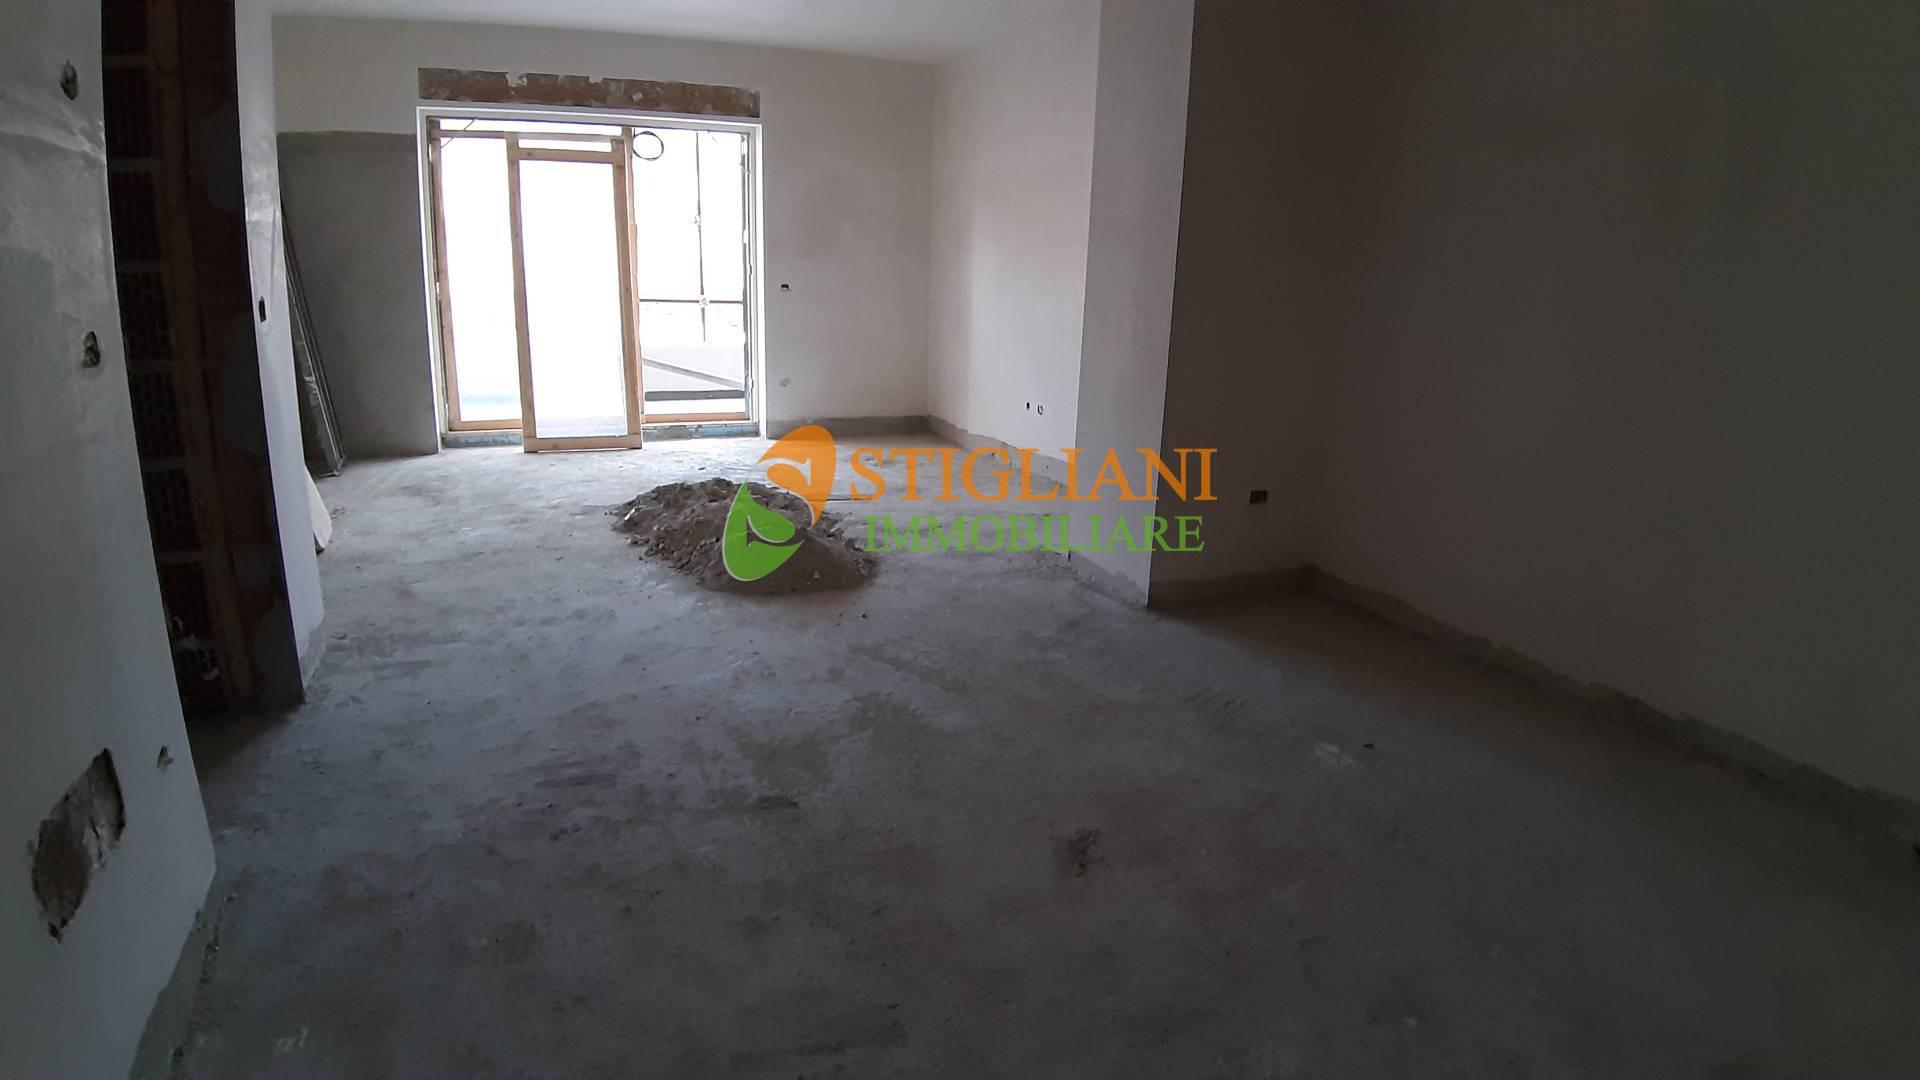 Appartamento in vendita a Campobasso, 3 locali, zona Zona: Centro, Trattative riservate | CambioCasa.it